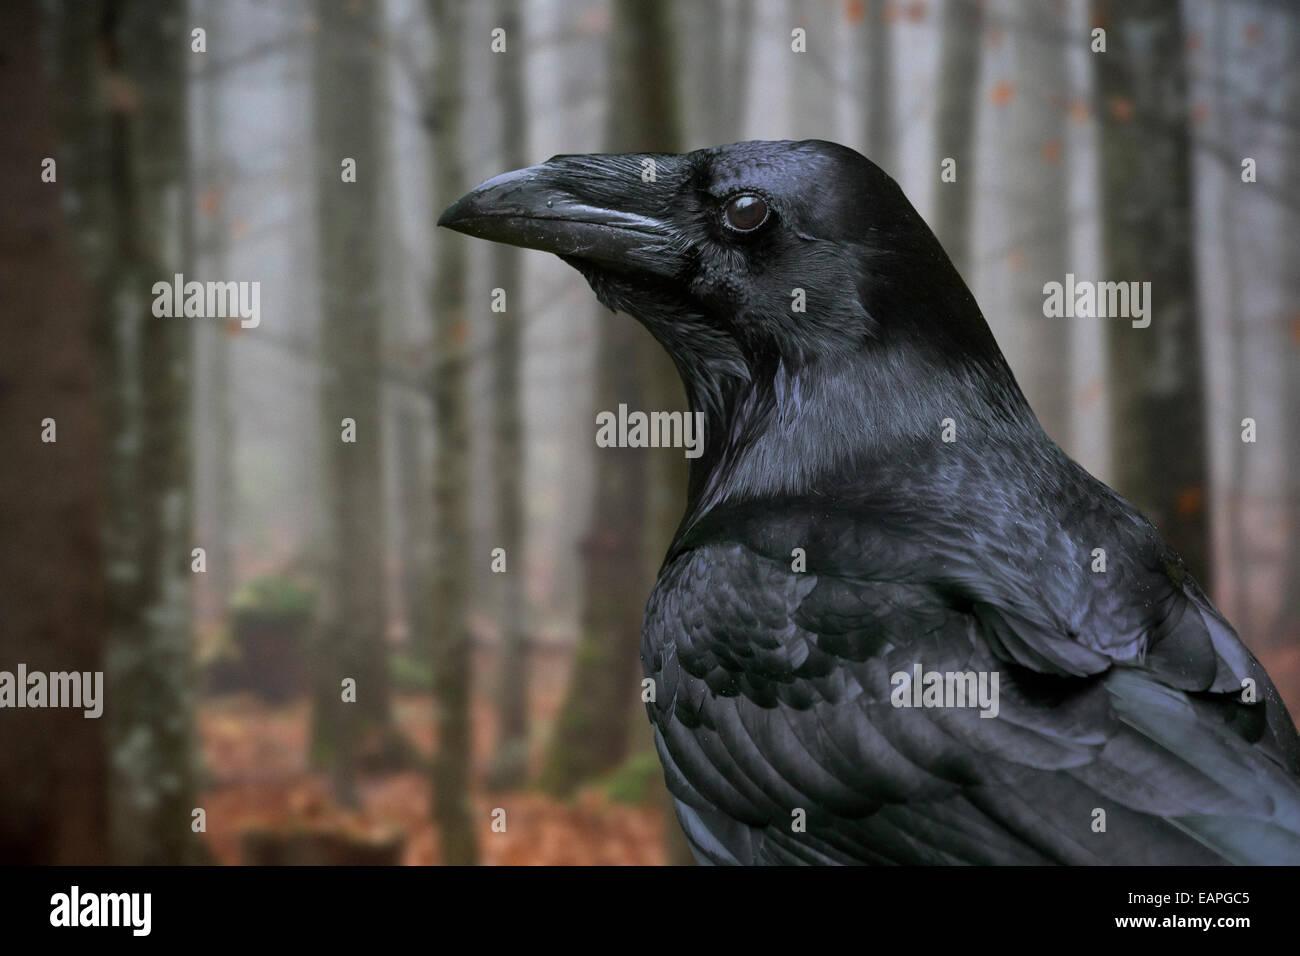 Nahaufnahme eines gemeinsamen Raven / northern raven (Corvus Corax) im herbstlichen Wald Stockbild